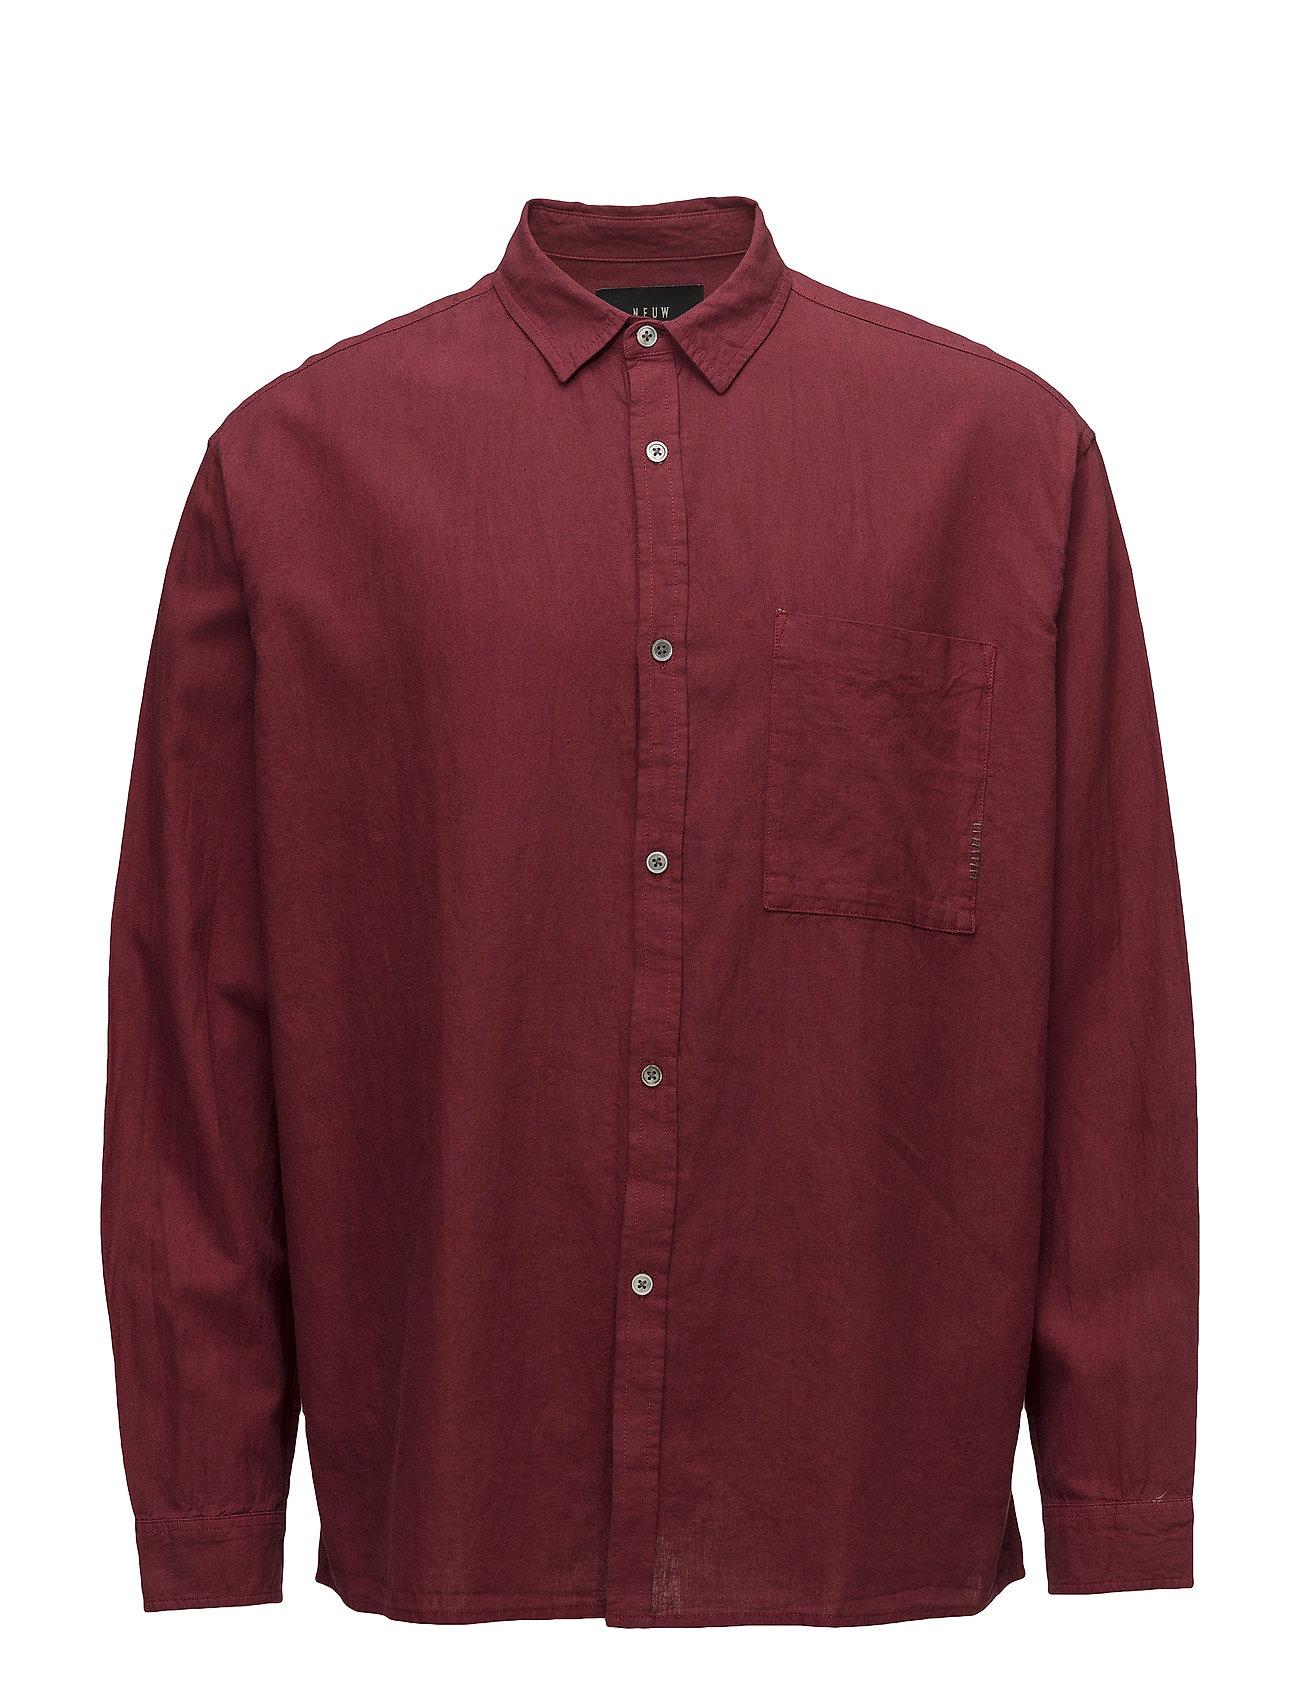 Relaxed L/S Shirt - NEUW